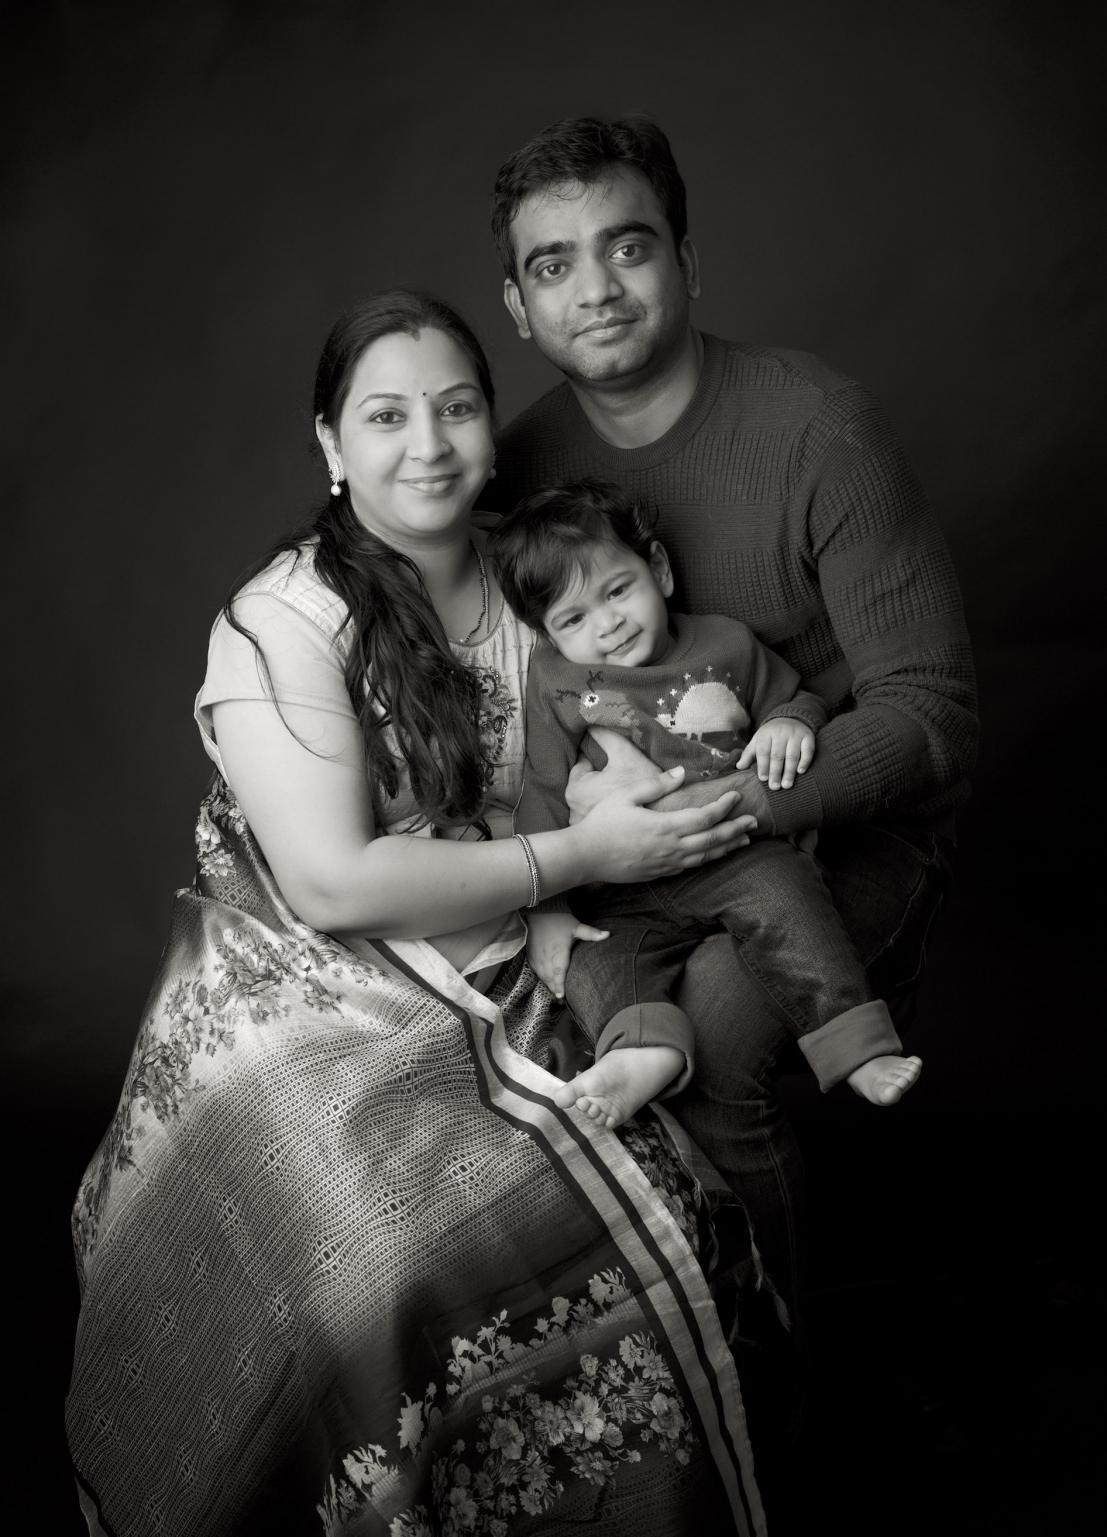 family photography leamington